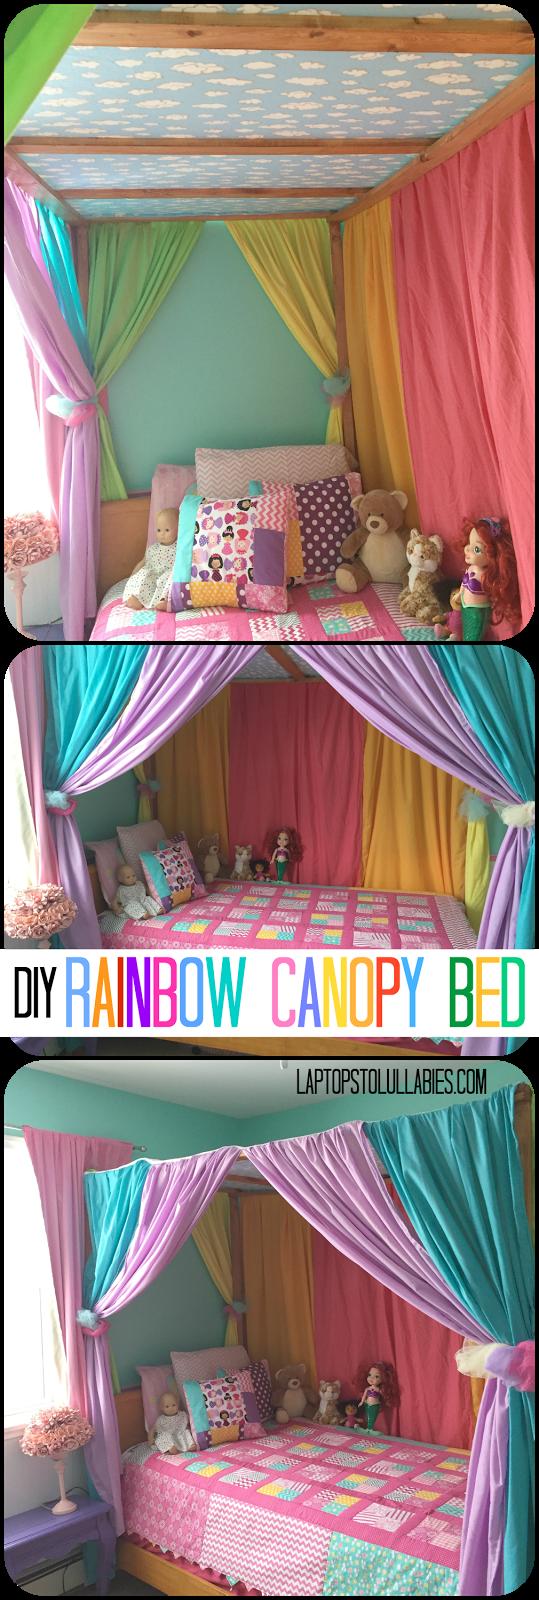 Featured kiddie DIY | Kids Bedroom / Playroom | Pinterest ...